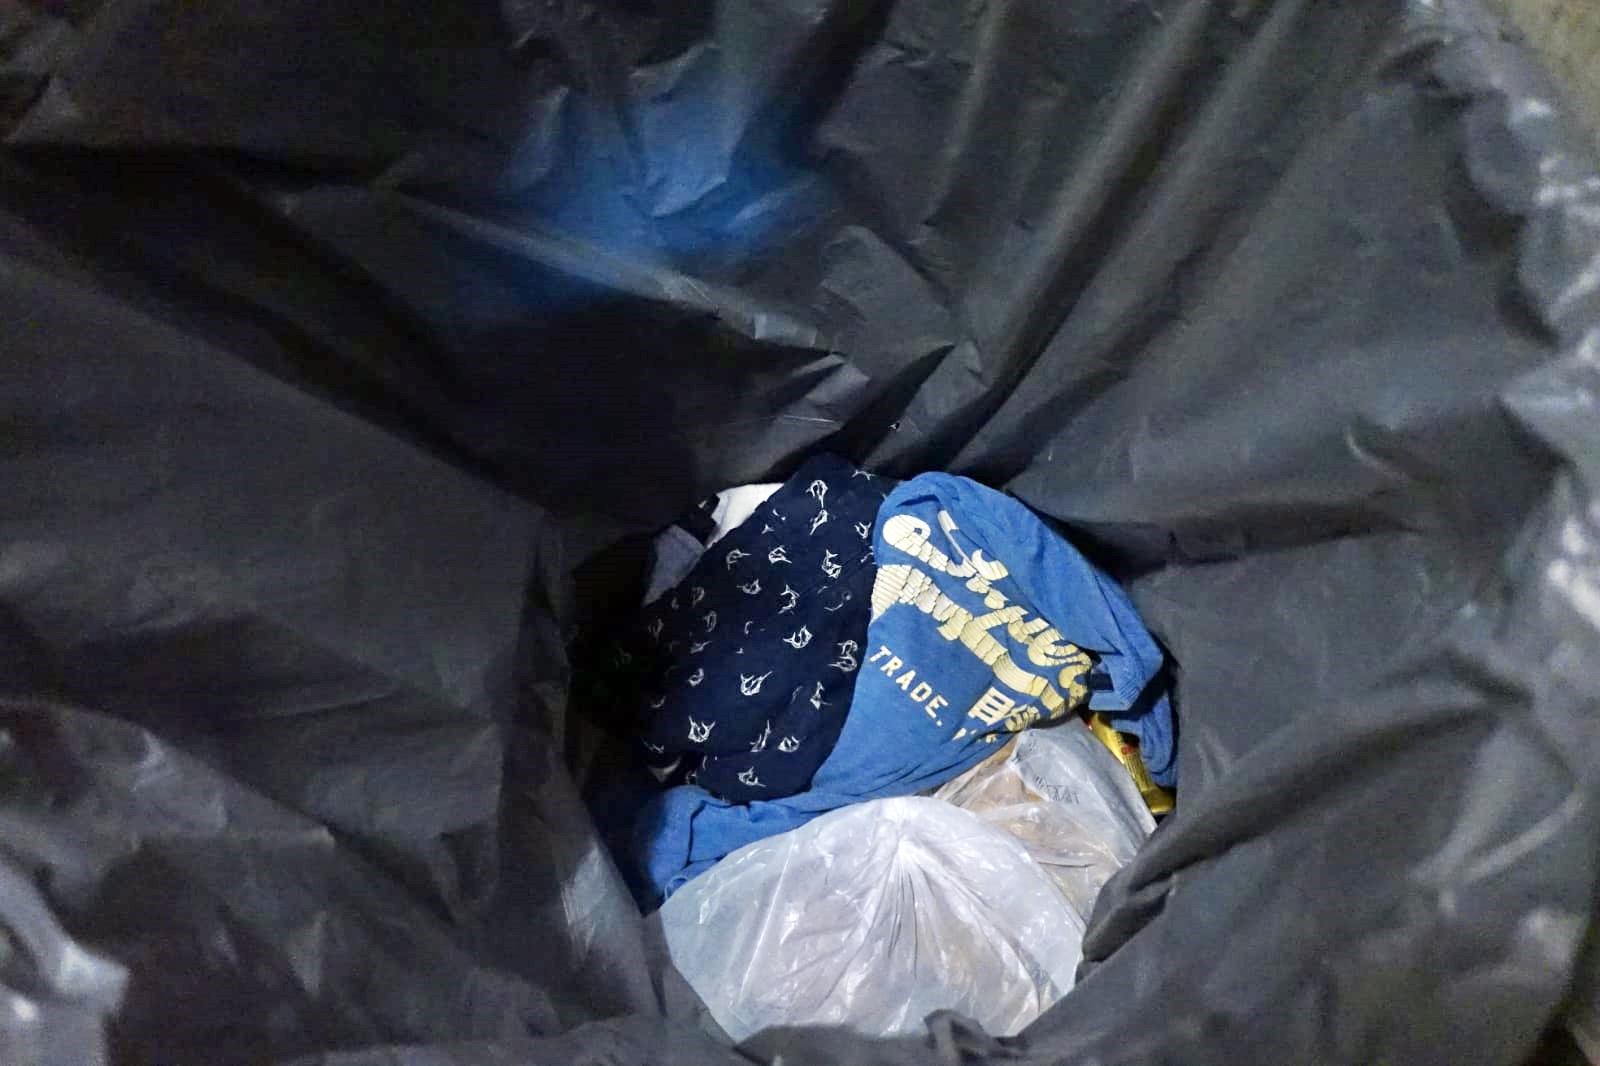 垃圾桶內發現懷疑兇徒在案發時所穿的衣服。